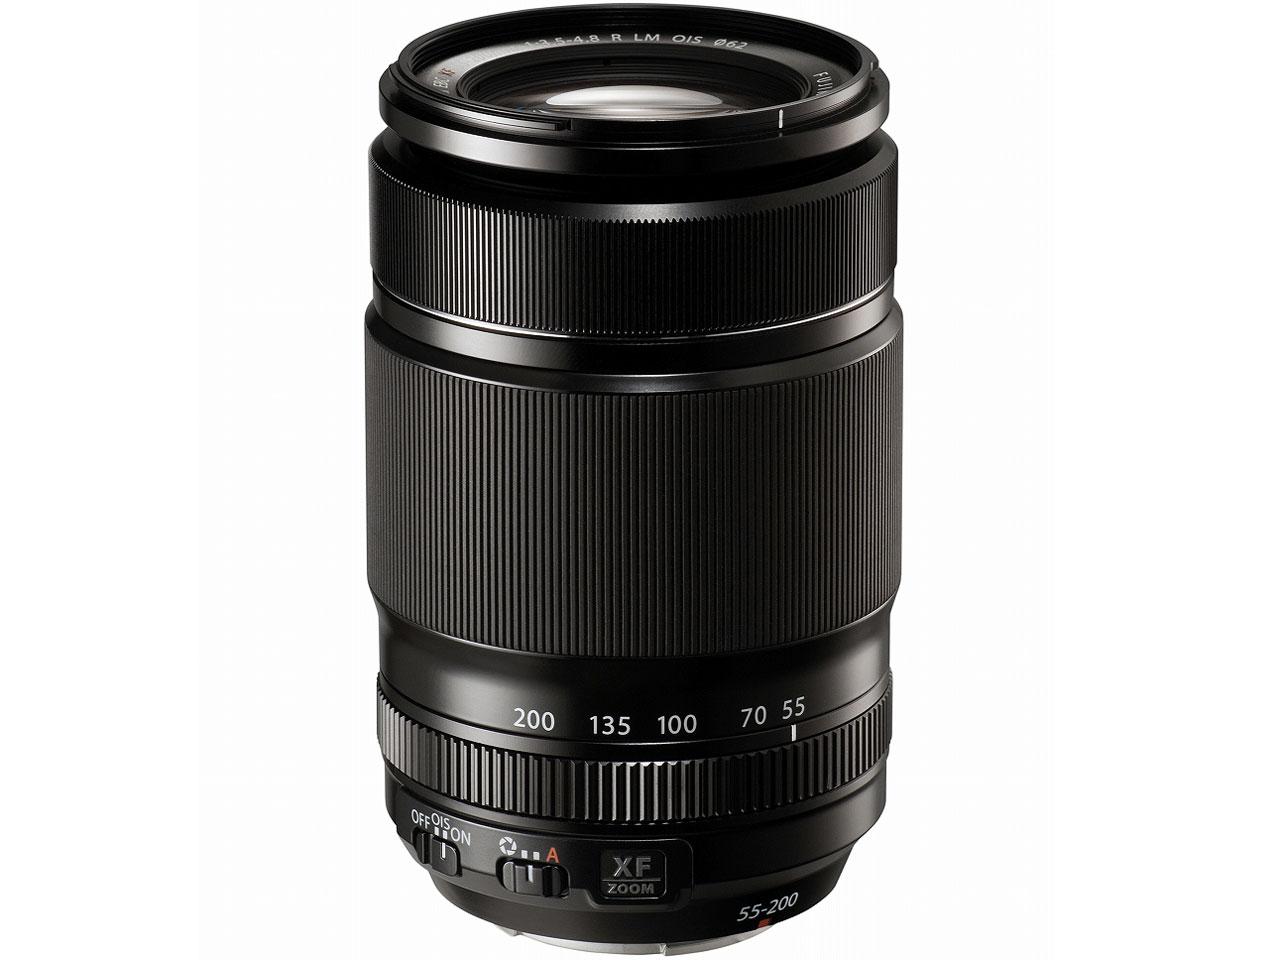 フジノンレンズ XF55-200mmF3.5-4.8 R LM OIS の製品画像